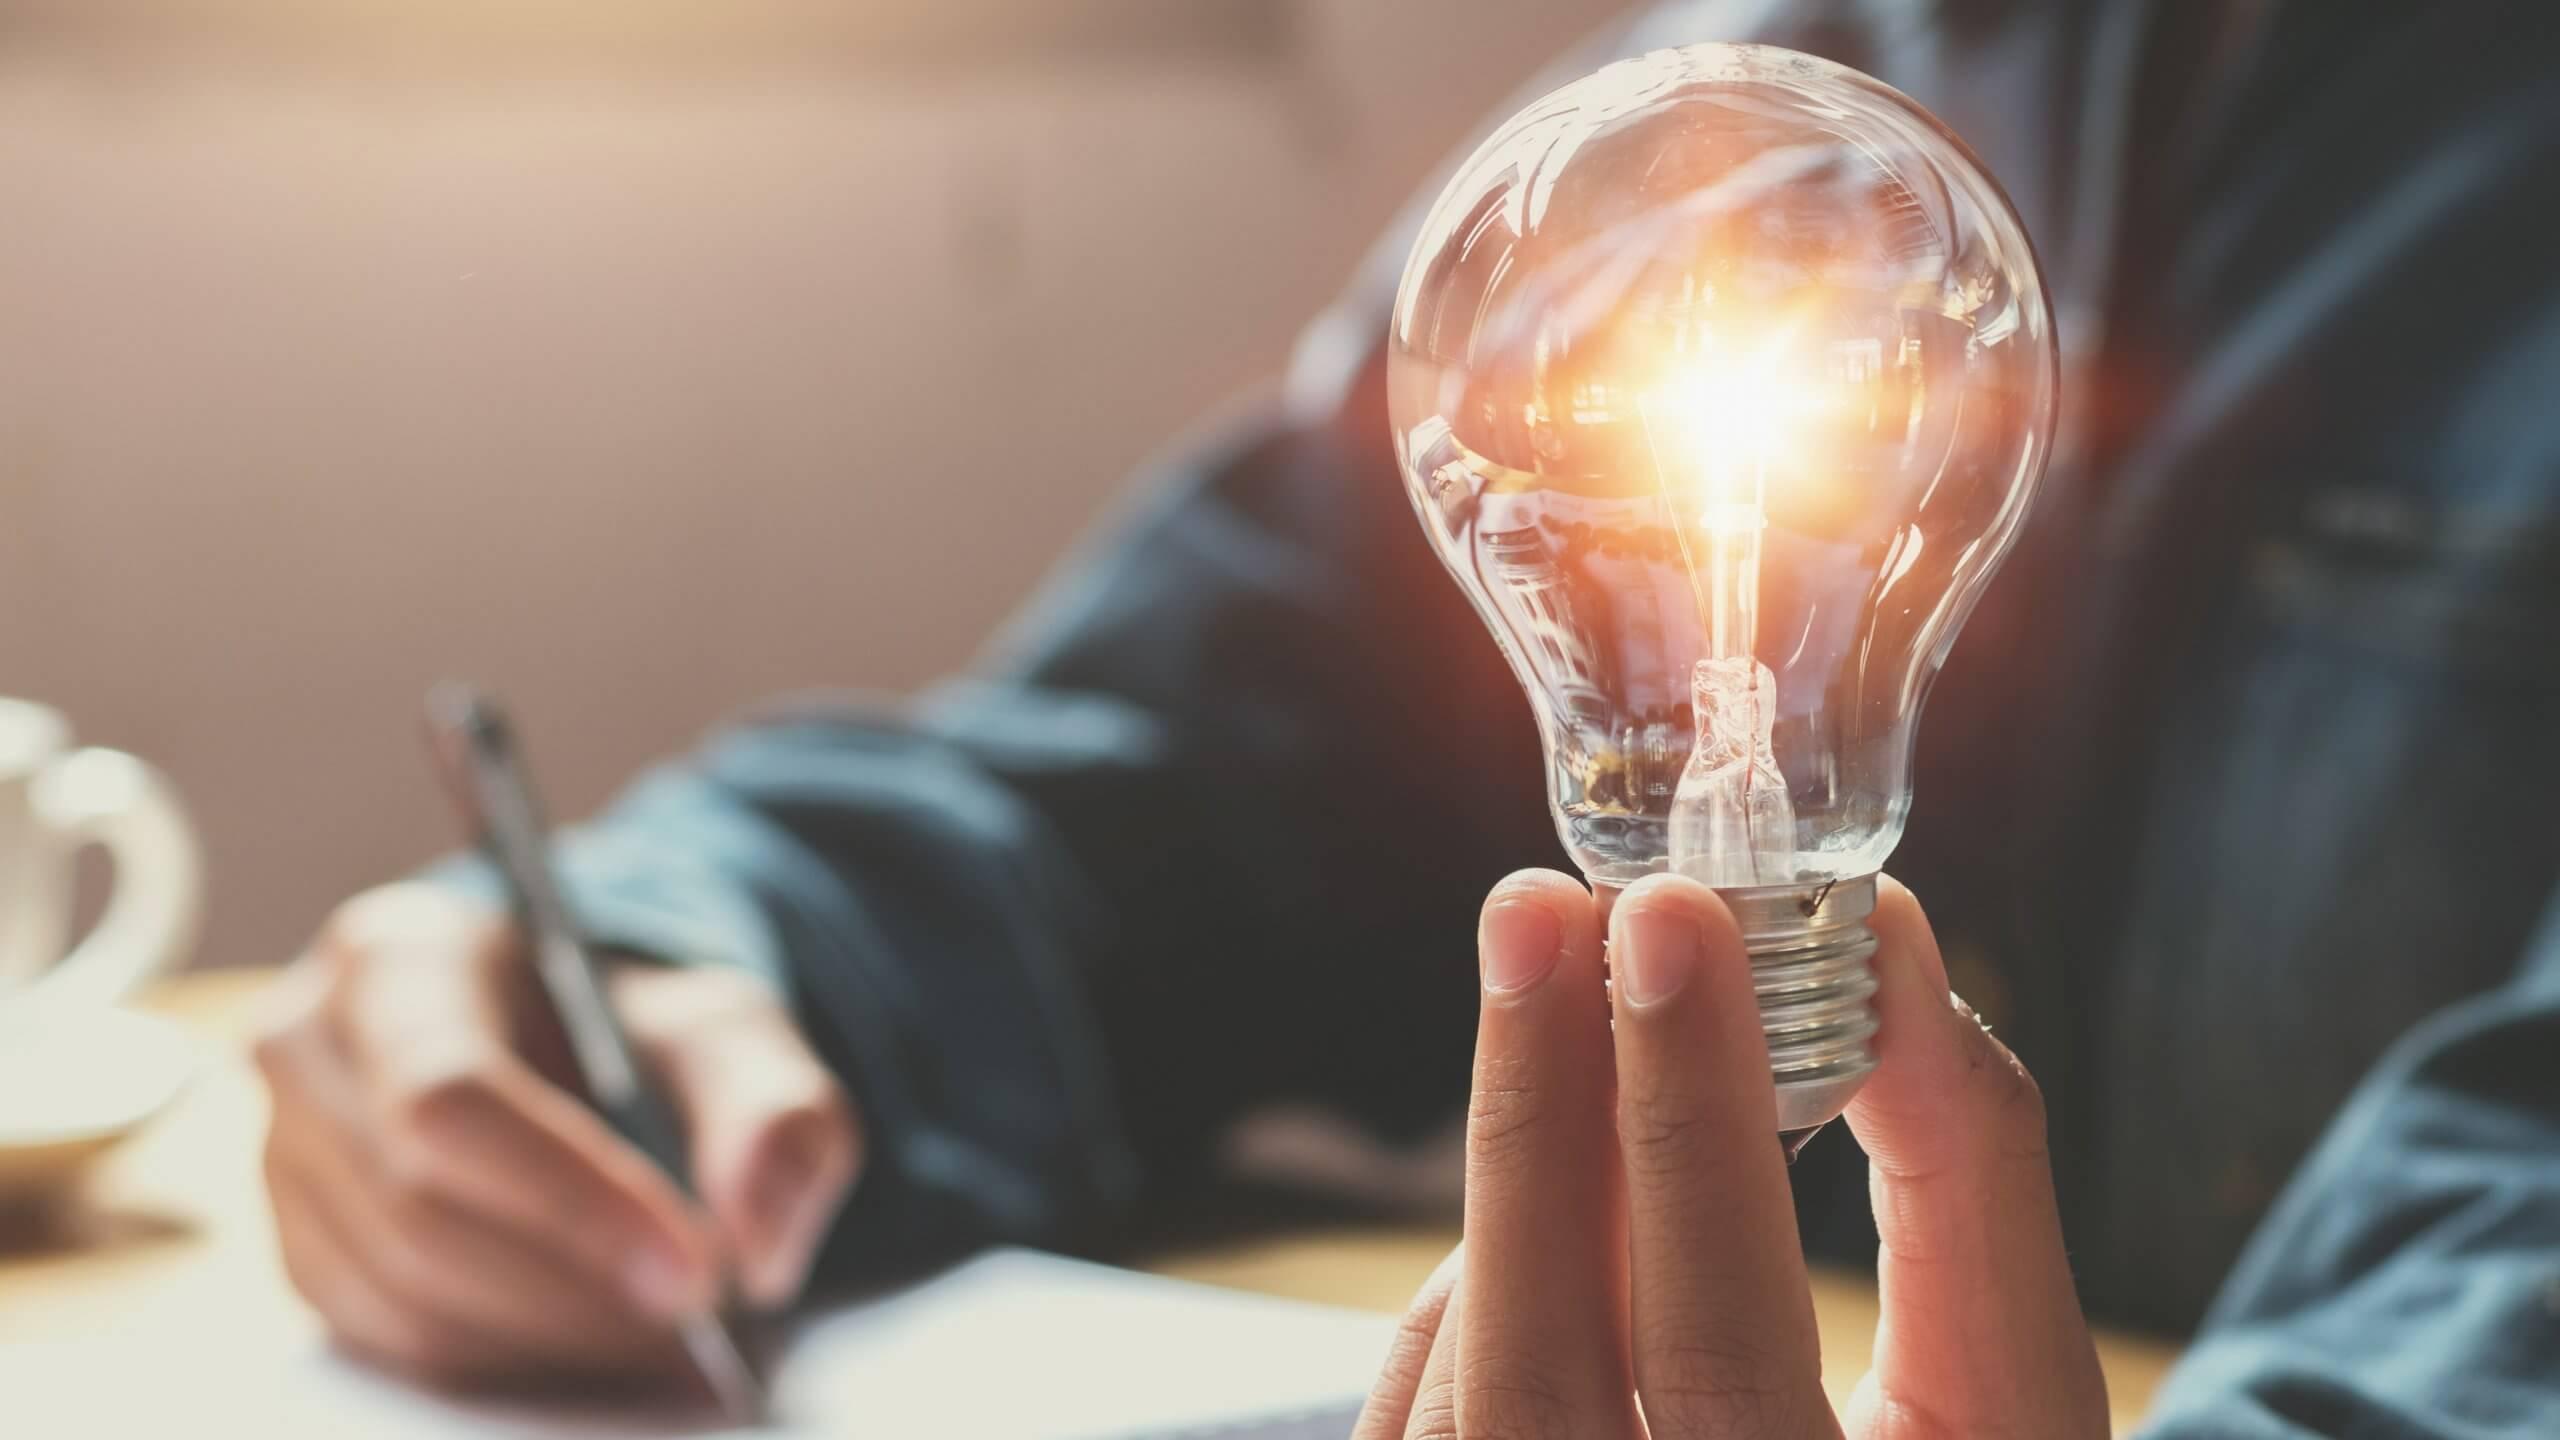 Inovação e invenção: entenda o que cada termo significa, as diferenças entre eles e 3 exemplos reais